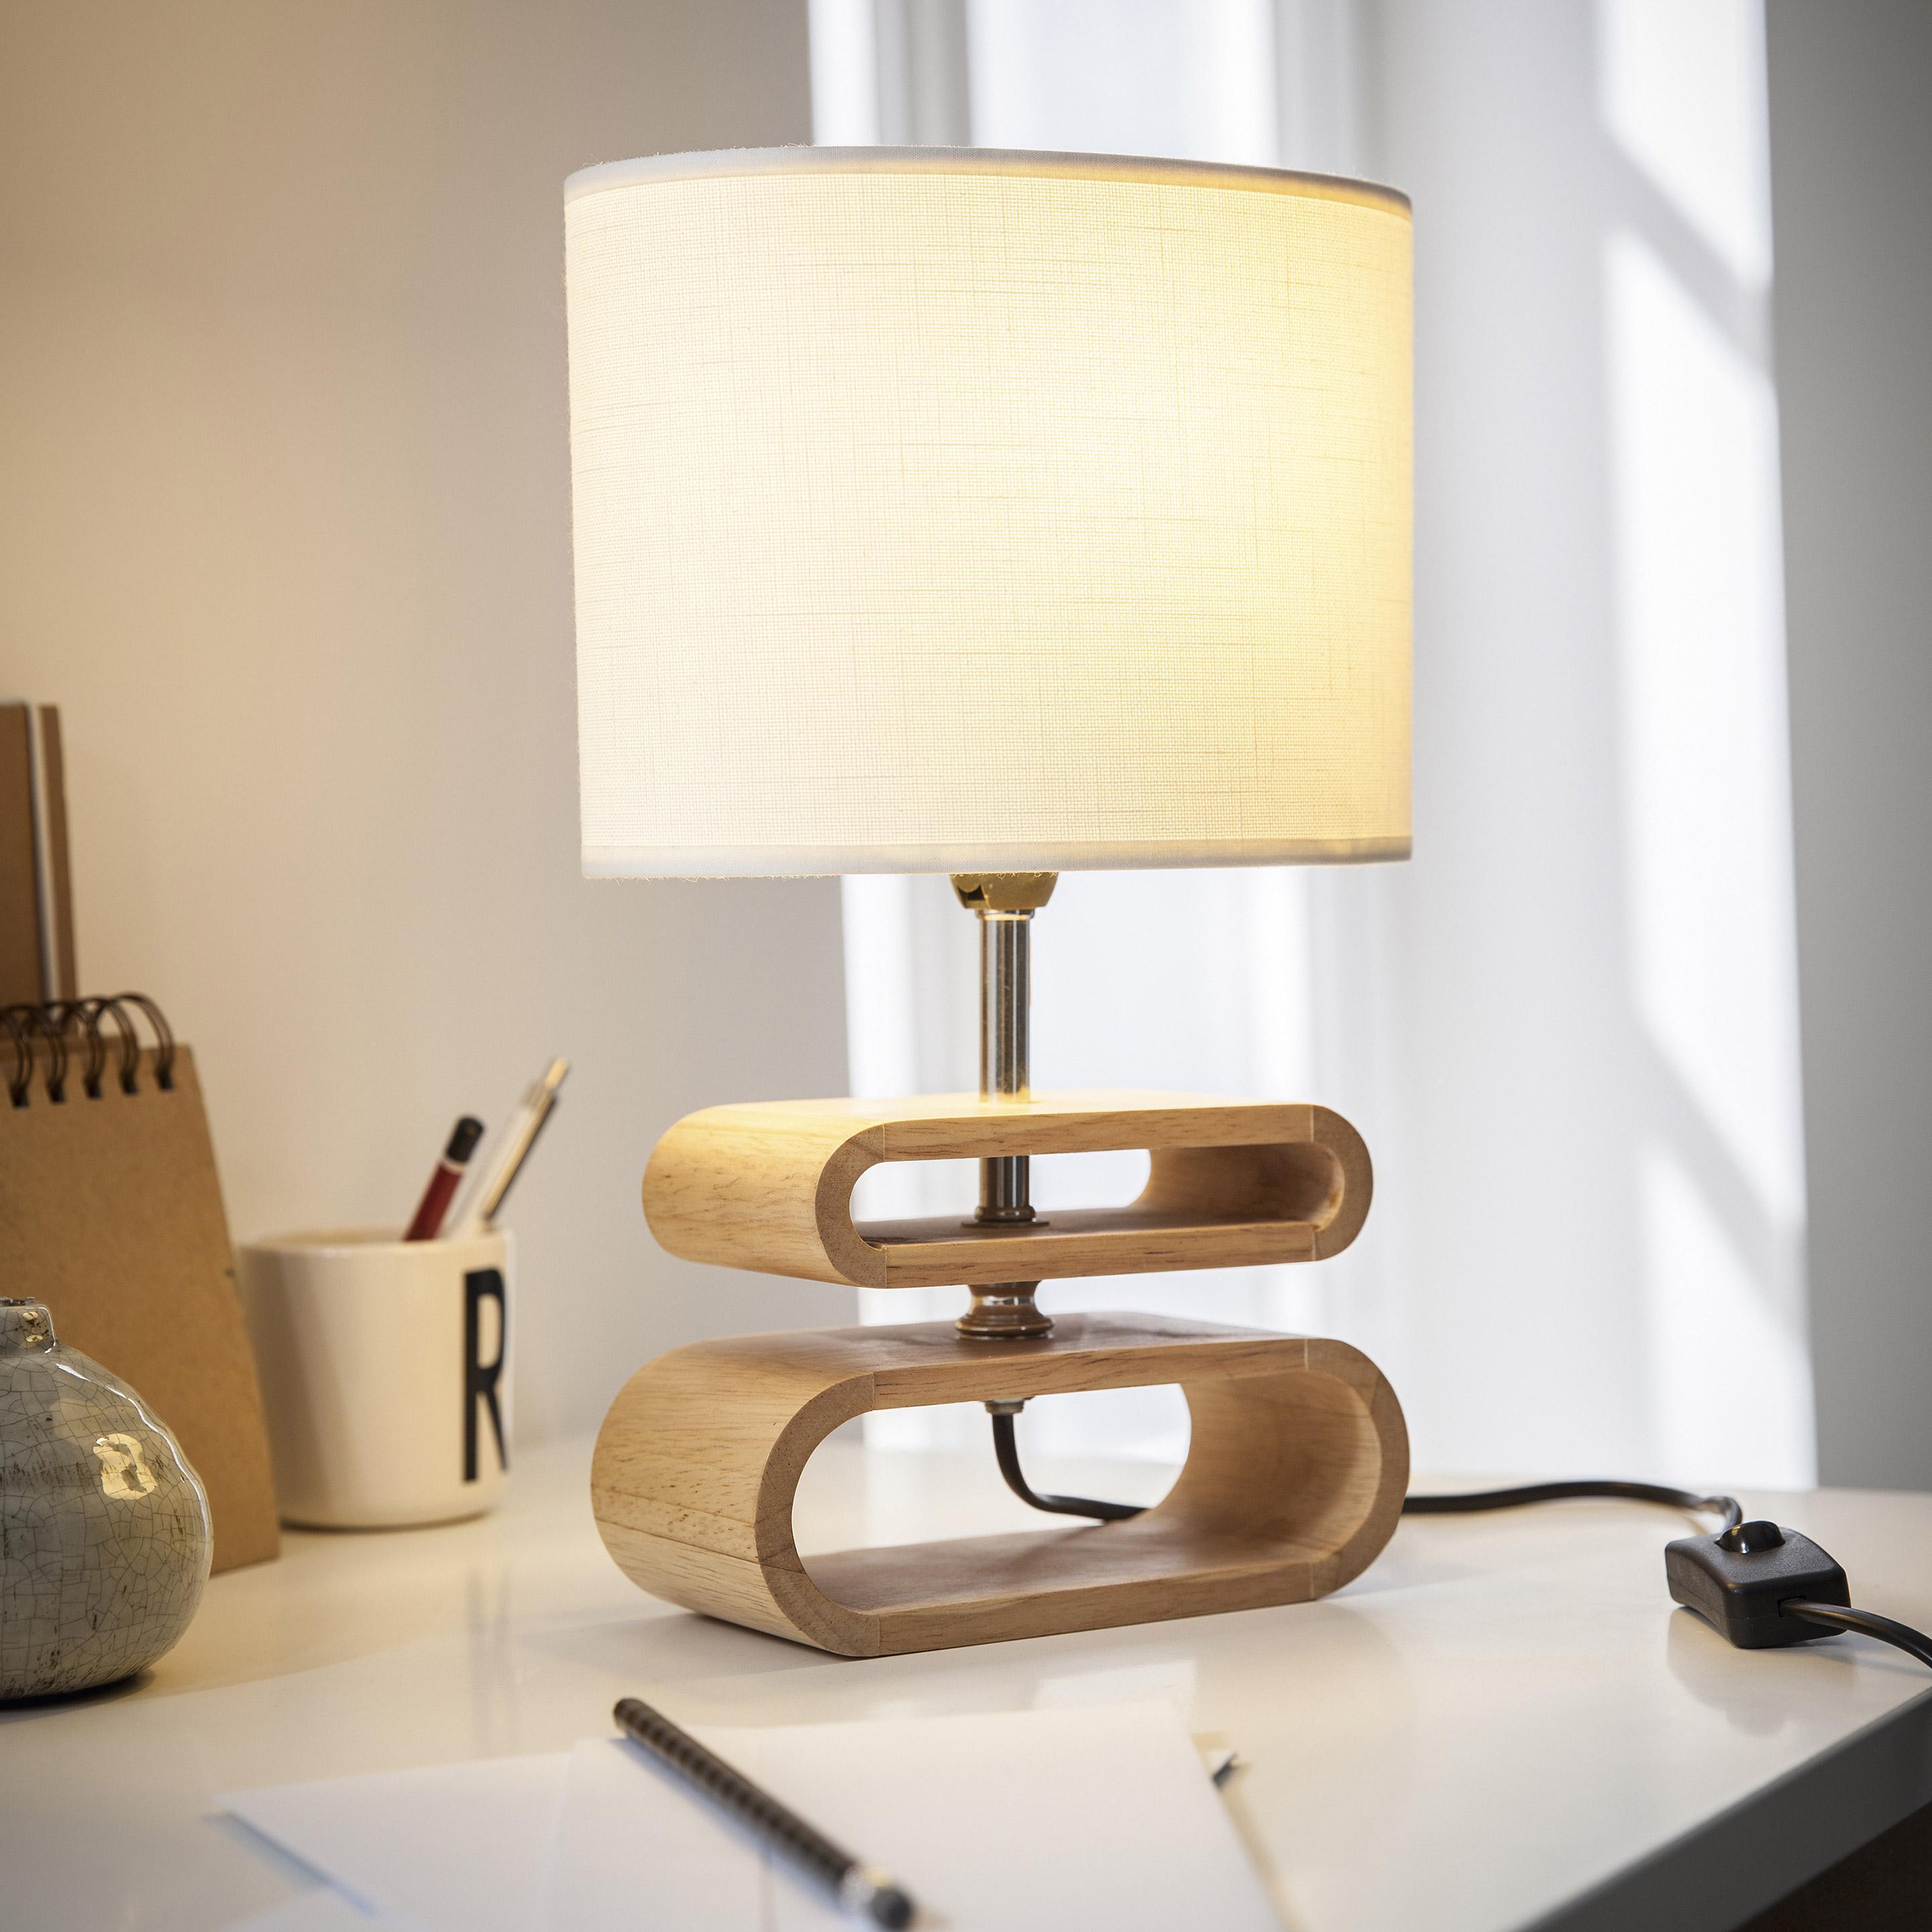 Lampe, e14 Itto COREP, lin blanc, 40 W